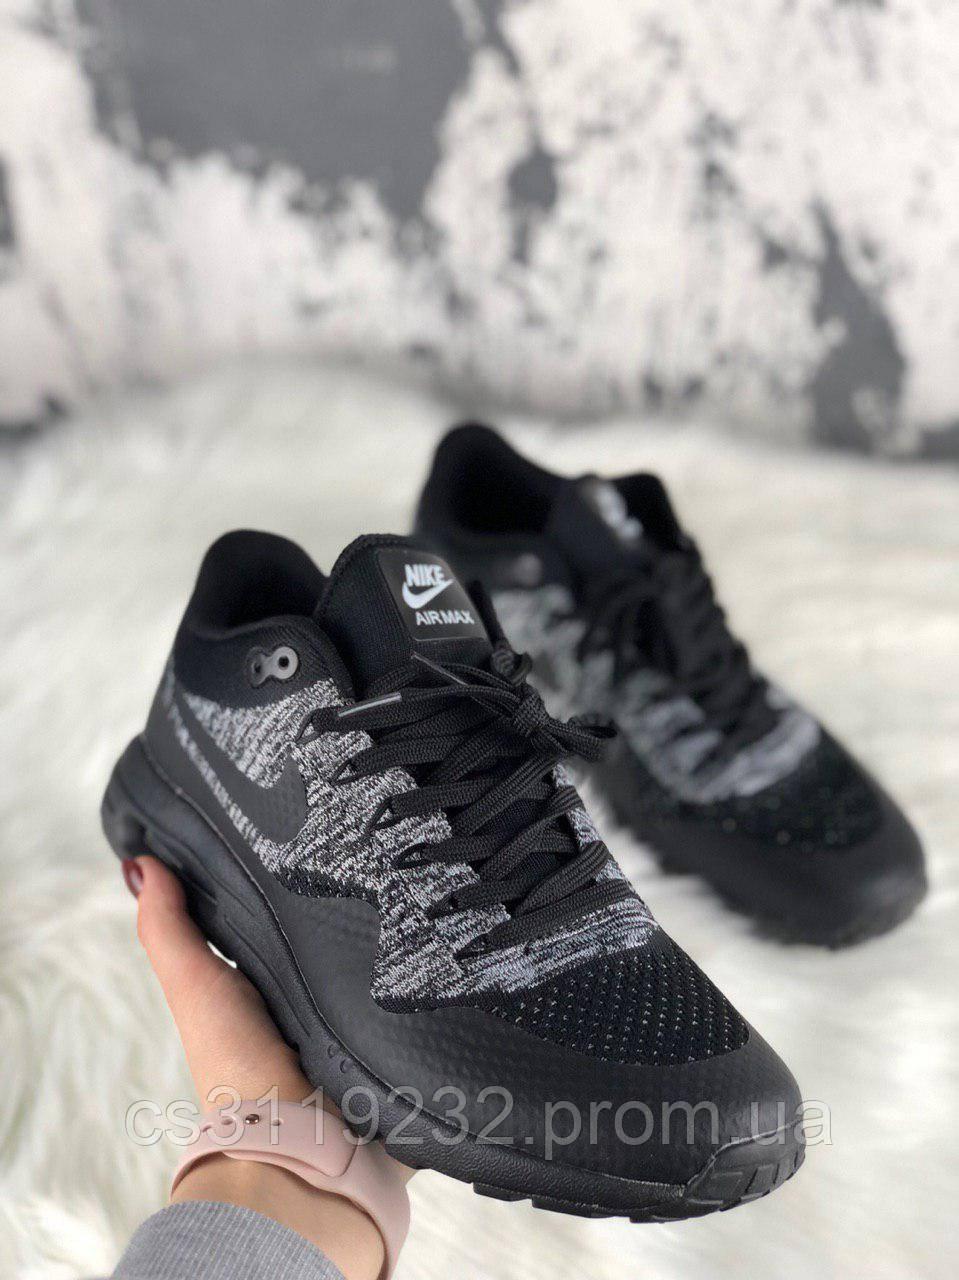 Мужские кроссовки Nike Air Max 87 Flyknit Black Grey (черные)